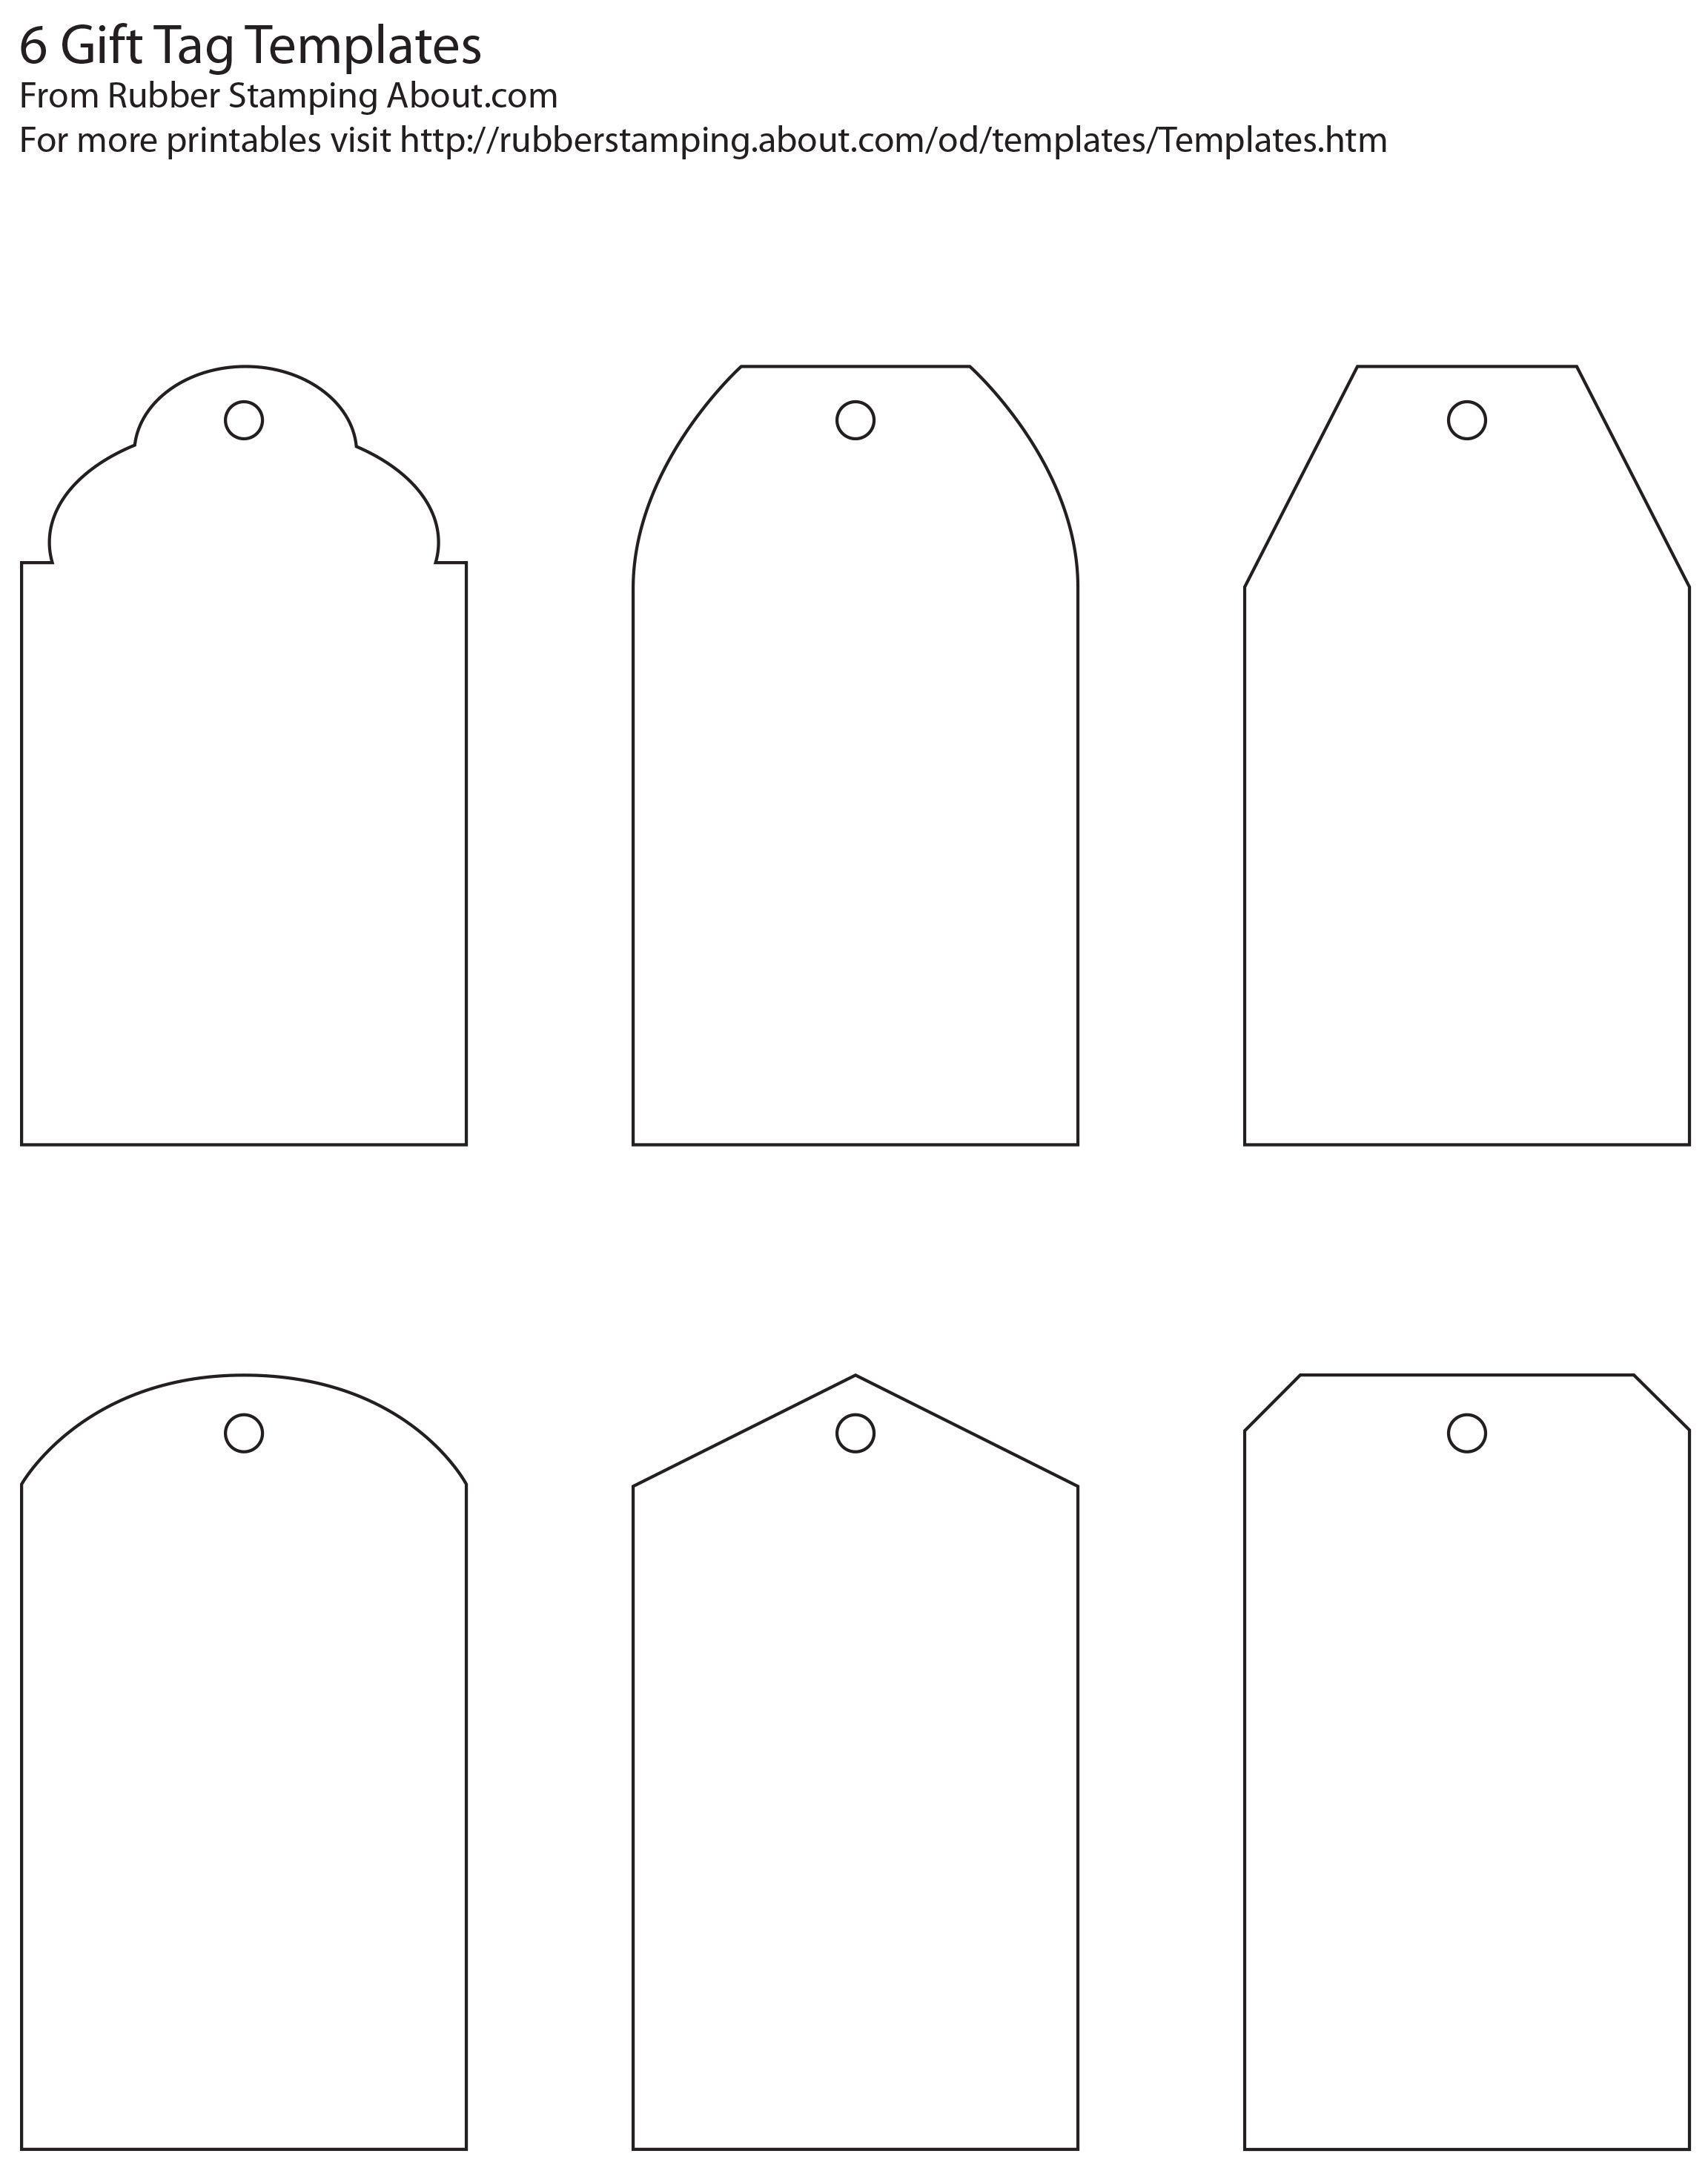 Free And Whimsical Printable Gift Tag Templates | Great Idea - Free Printable Customizable Gift Tags